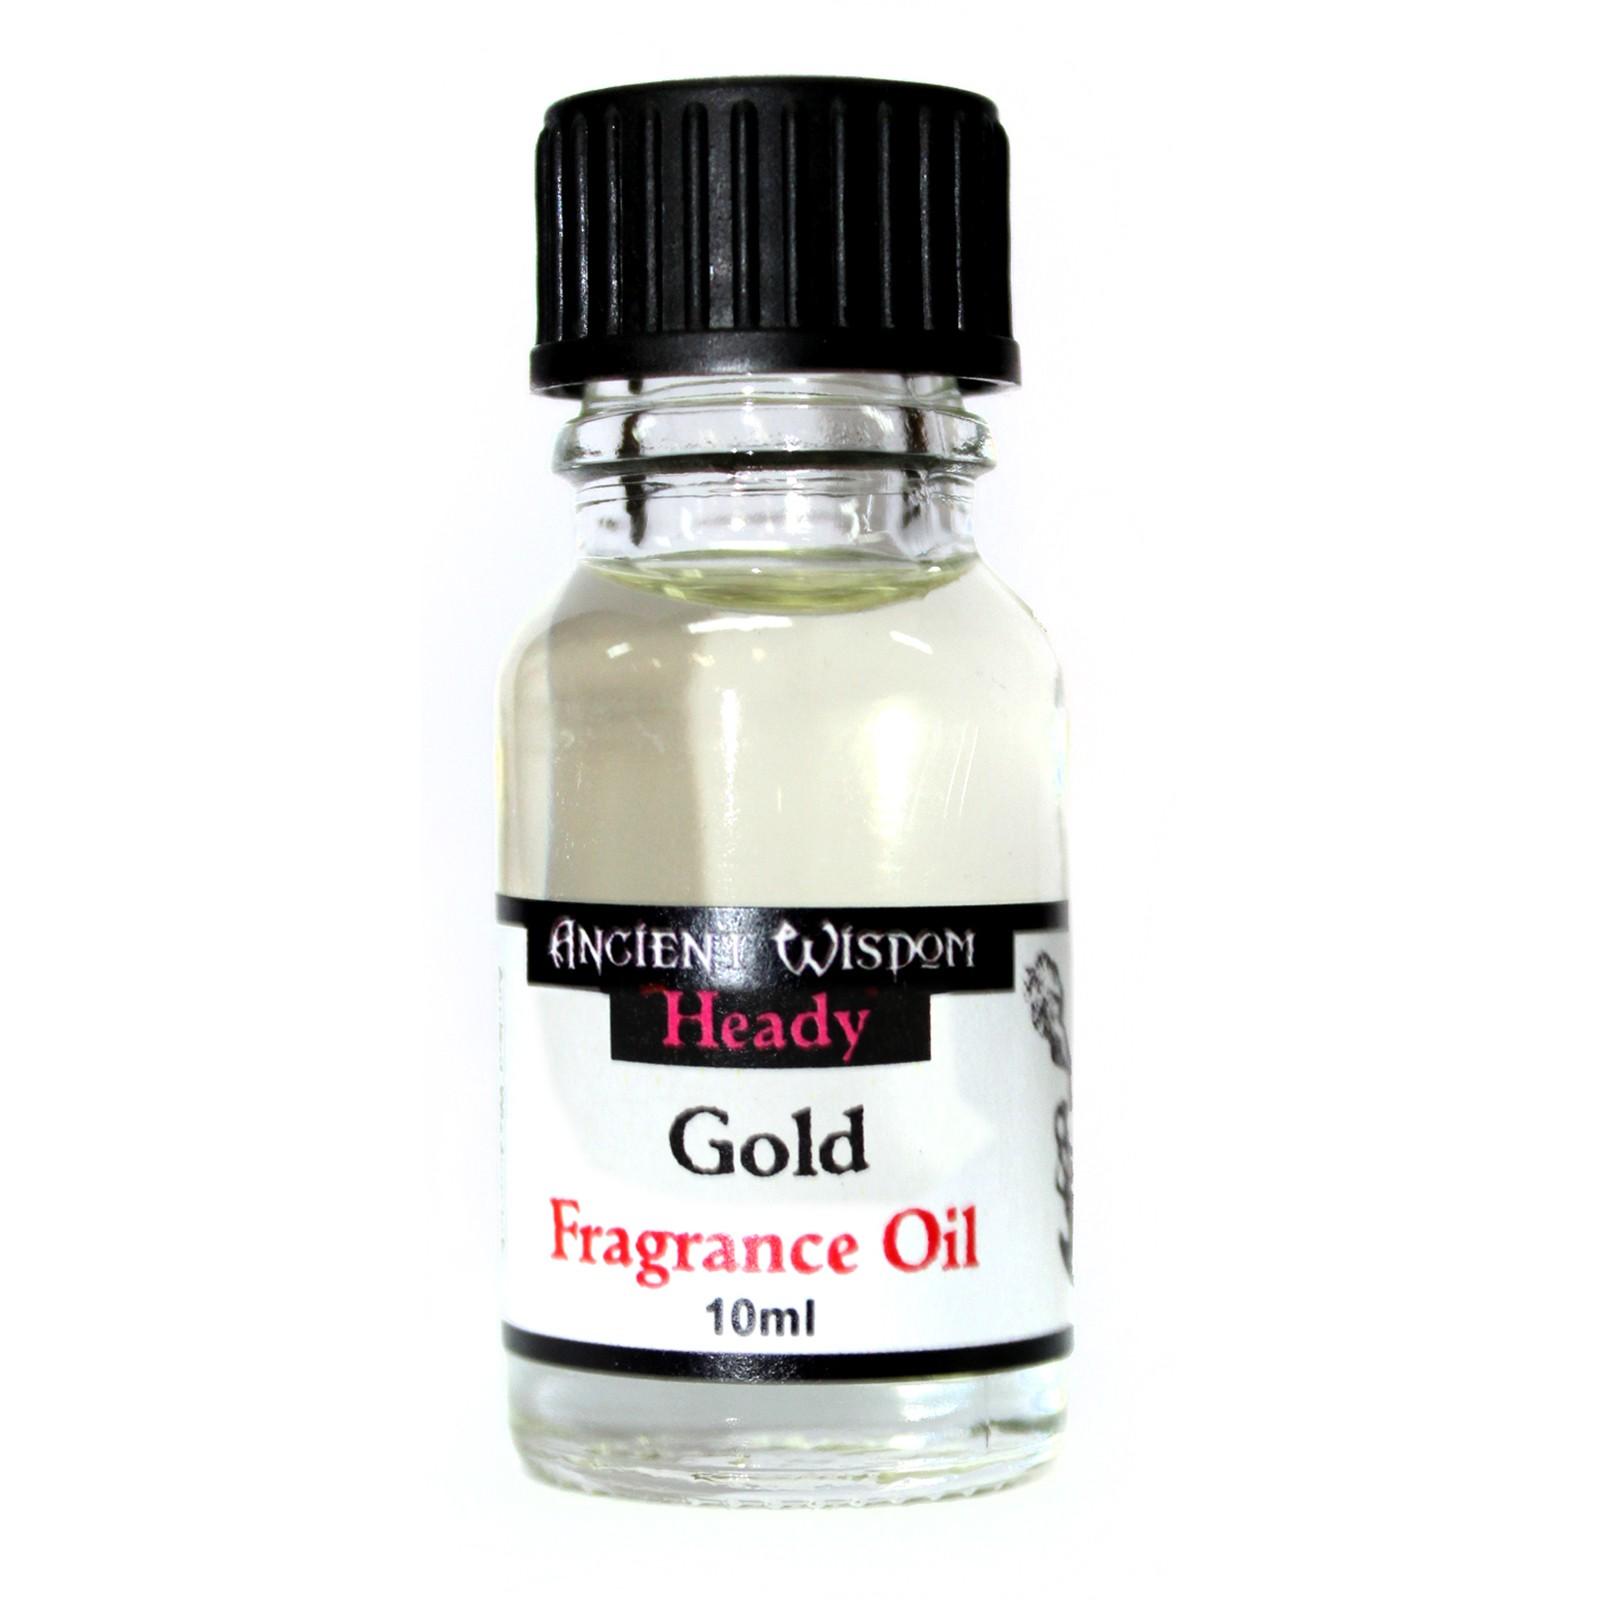 10ml Gold Fragrance Oil